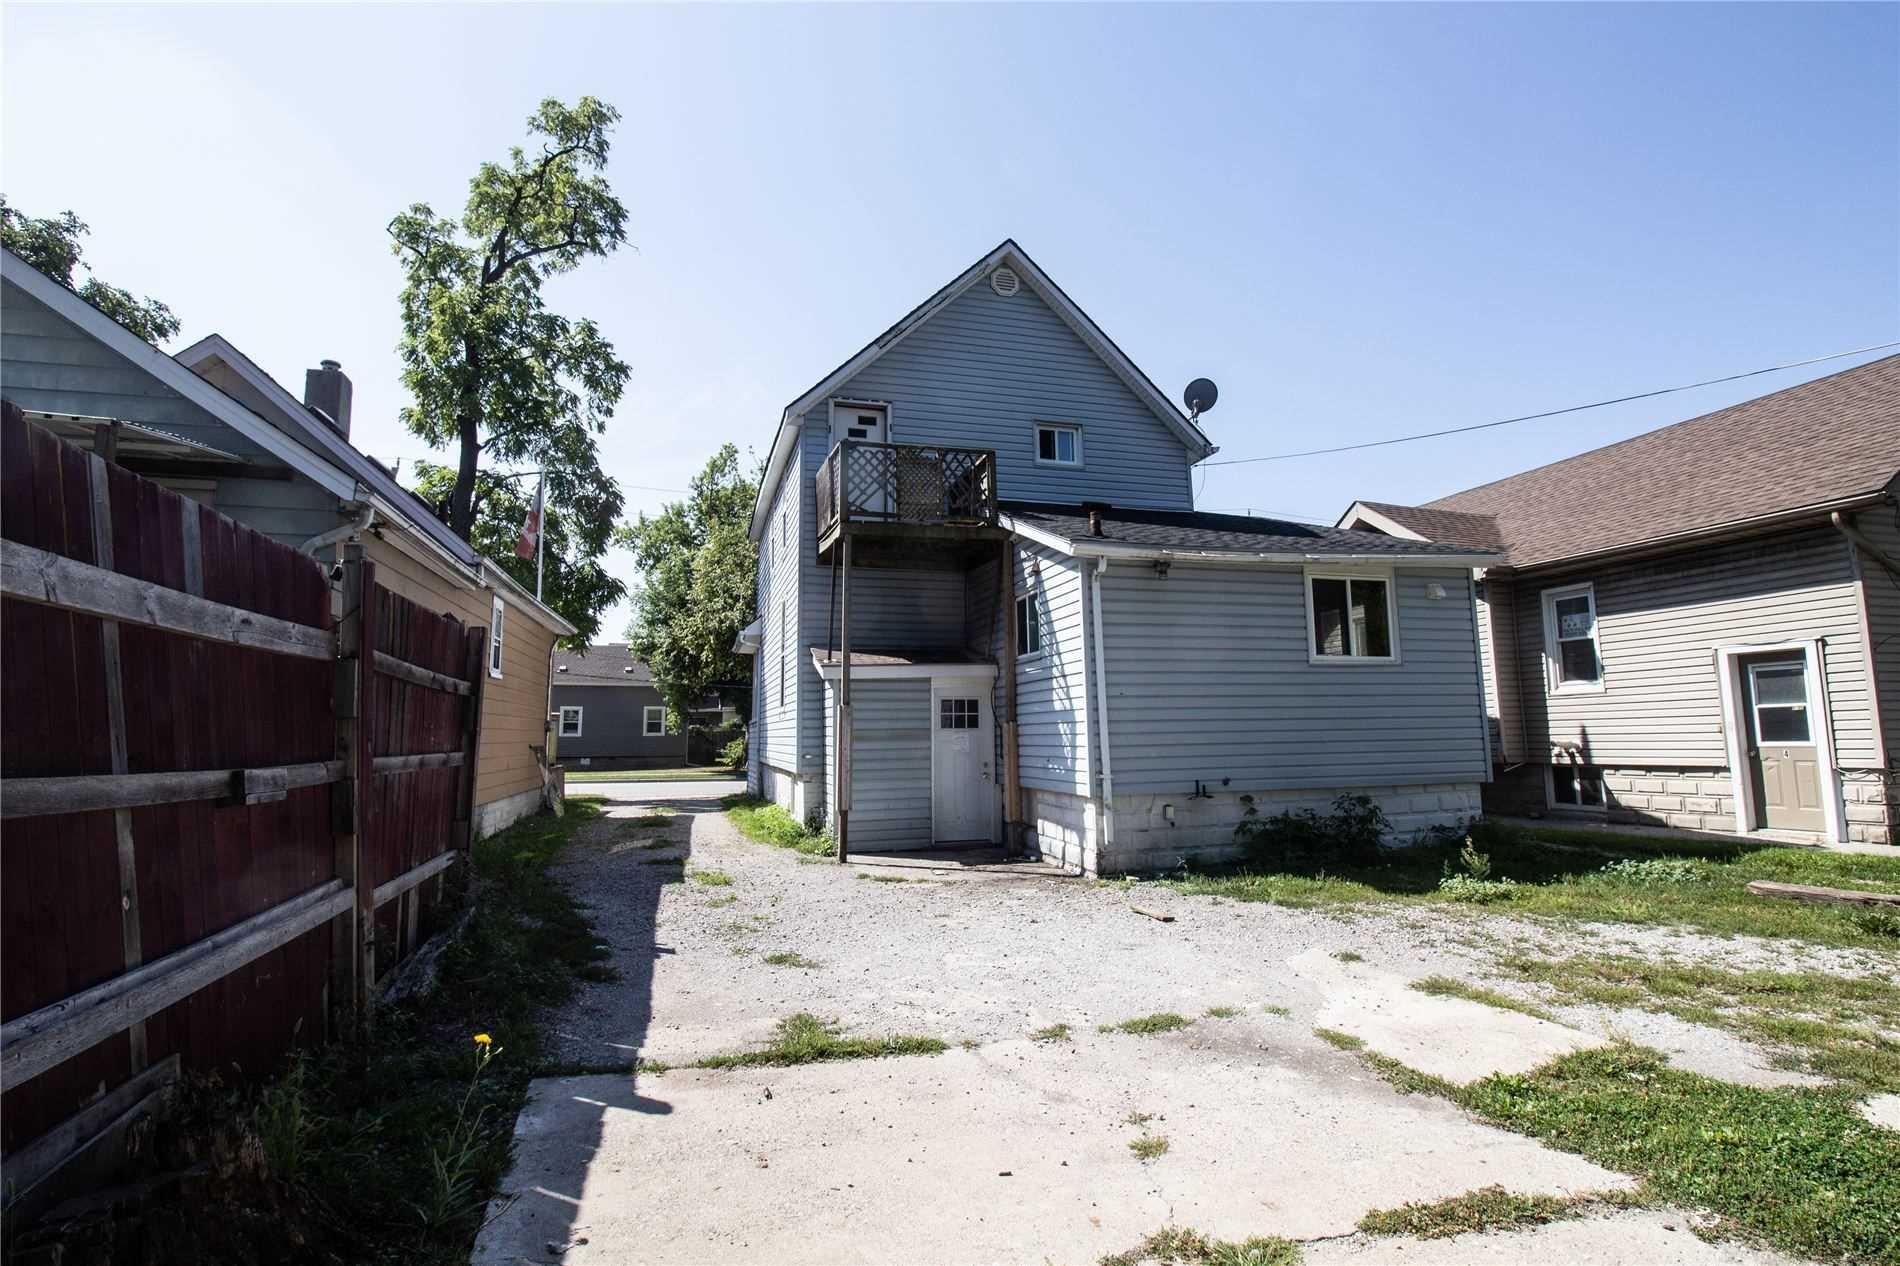 316 Confederation St, Sarnia, Ontario N7T 2A5, 1 Bedroom Bedrooms, 6 Rooms Rooms,2 BathroomsBathrooms,Detached,For Sale,Confederation,X5345845